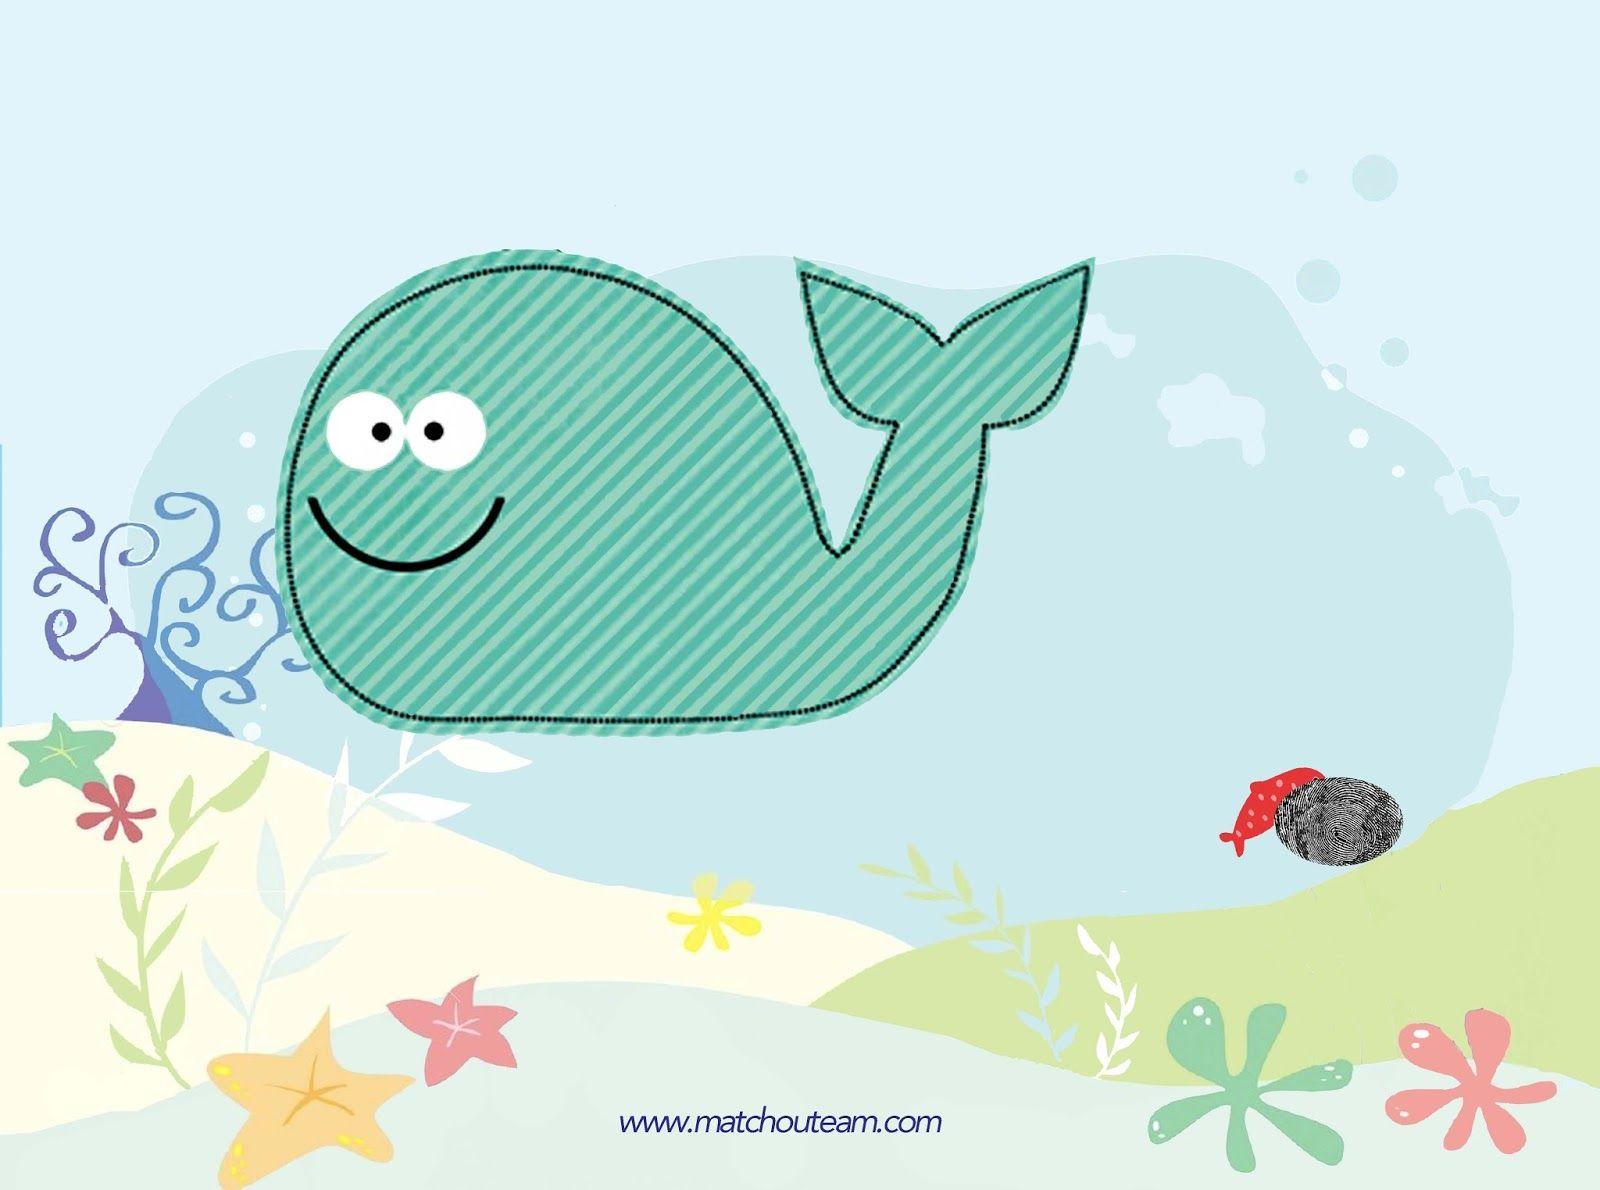 Une Histoire En Kamishibai La Baleine Et Les Petits